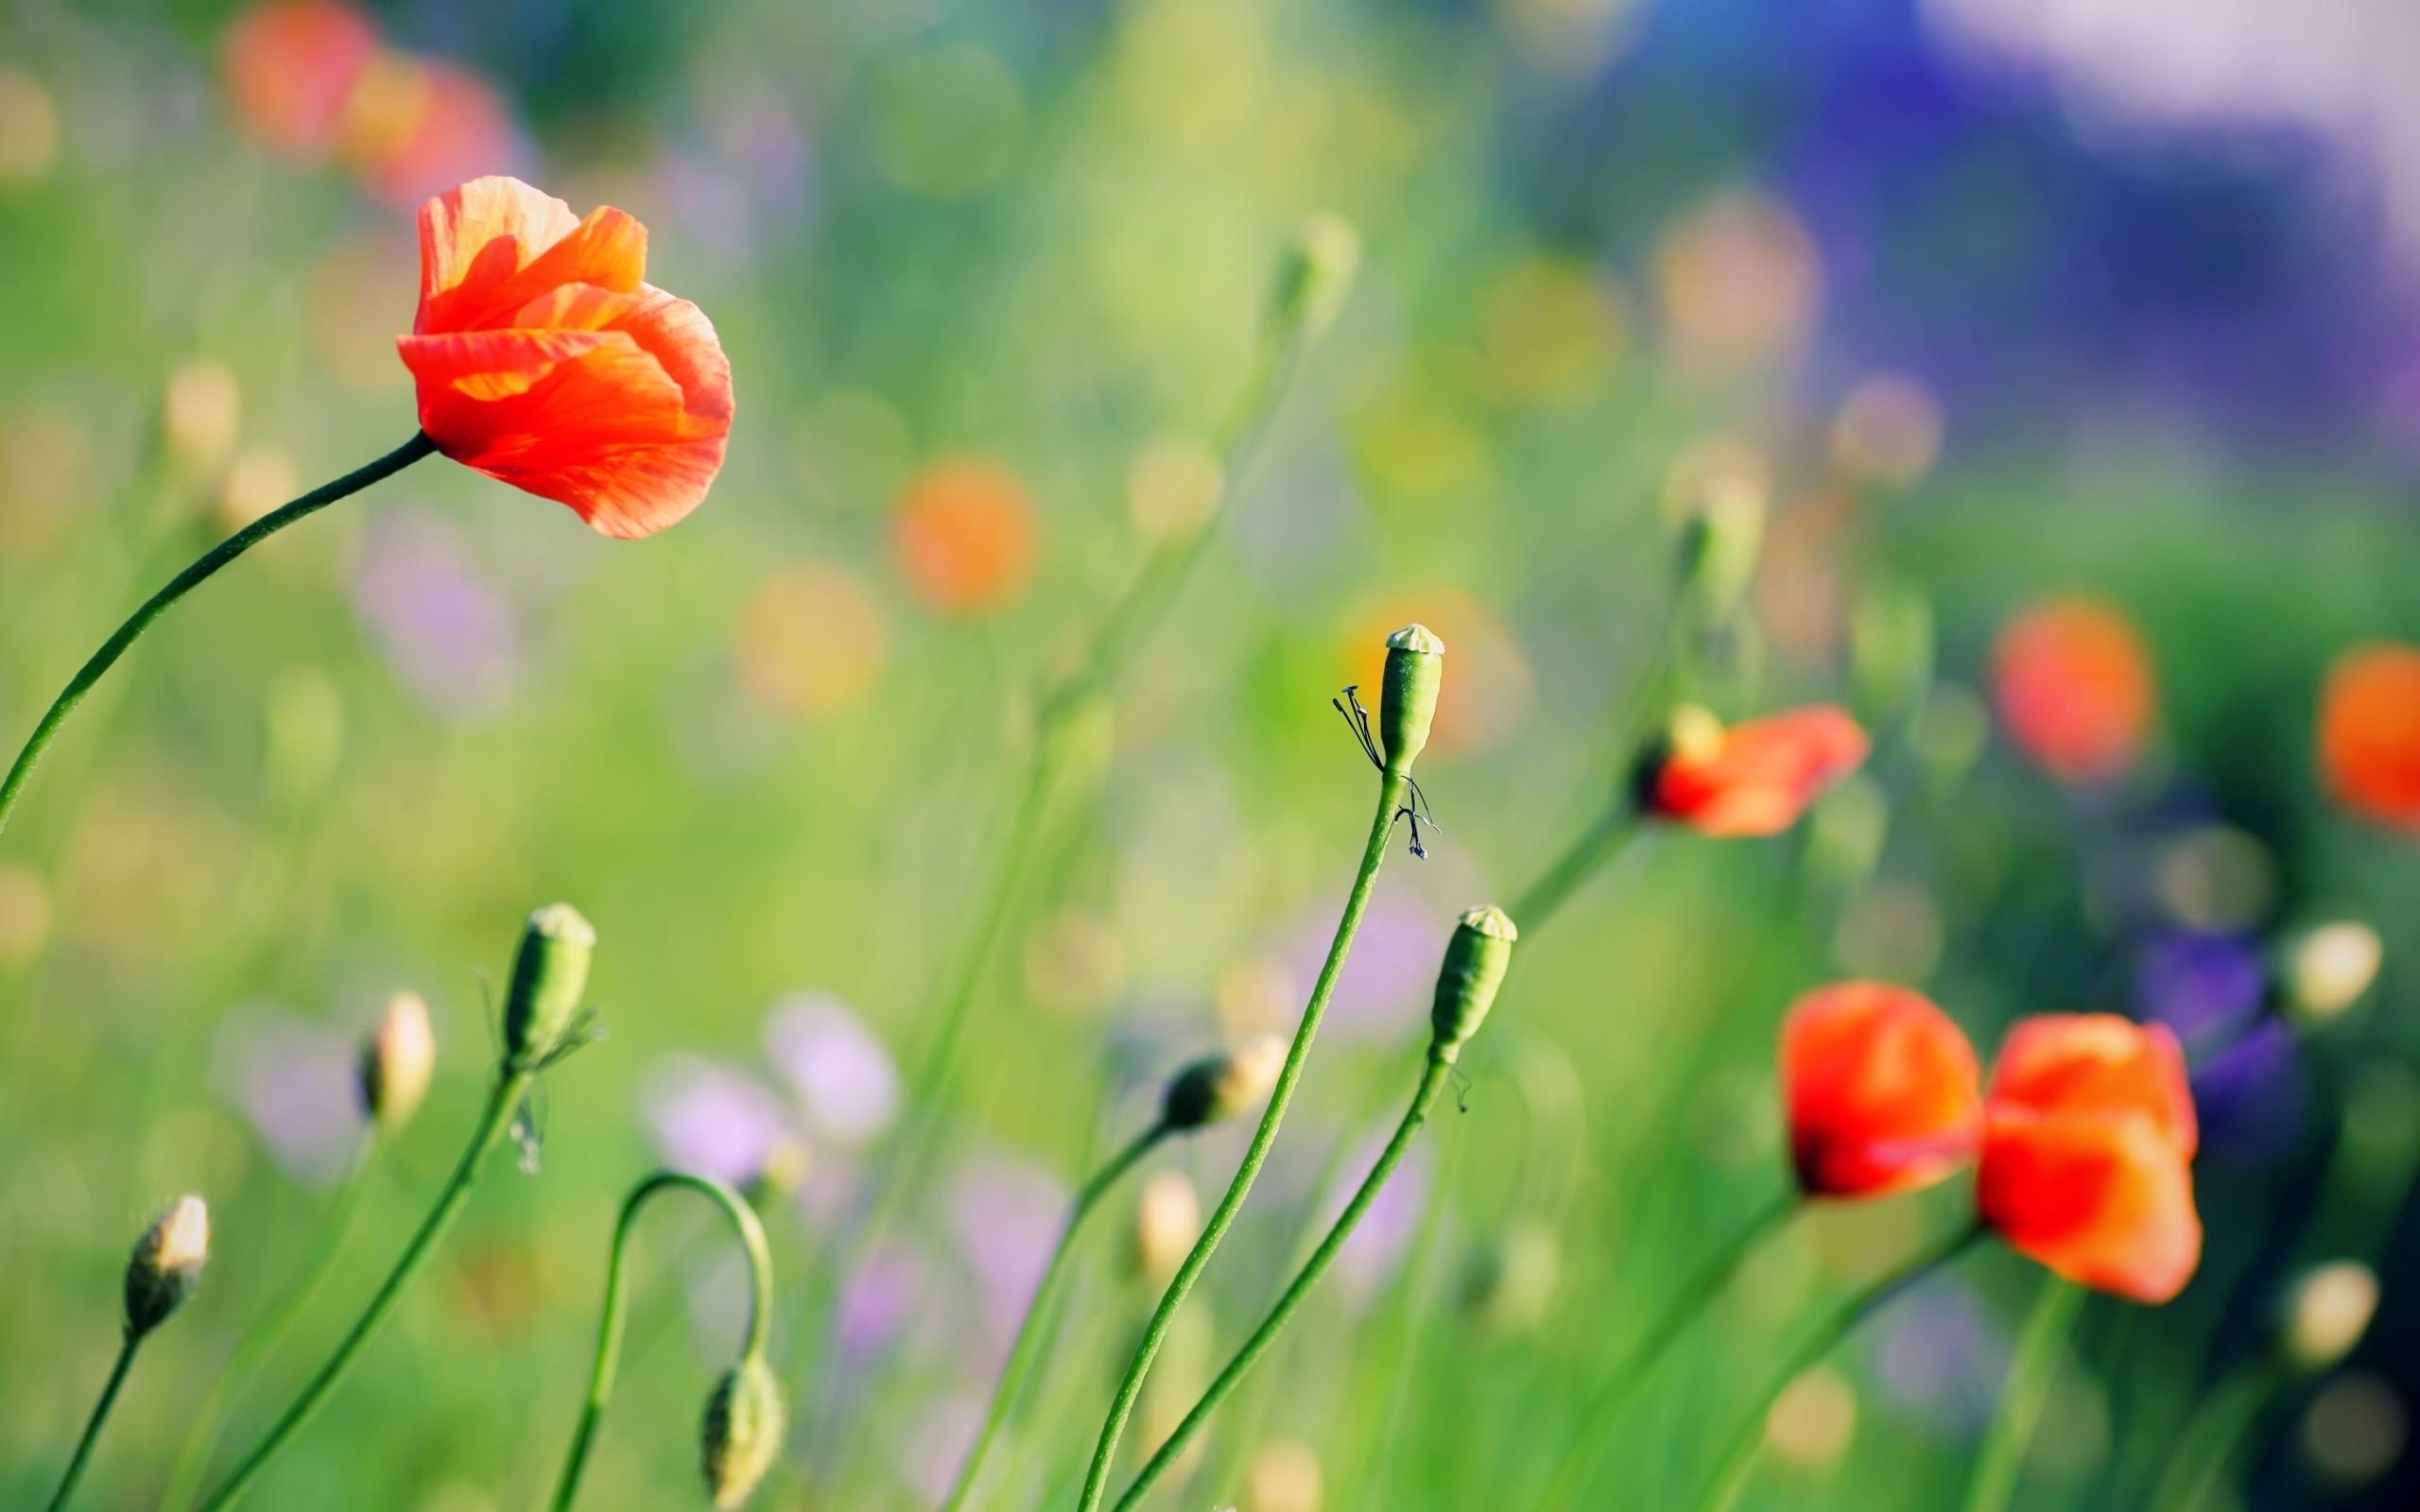 enfoques a flores hd 2560x1600 imagenes wallpapers